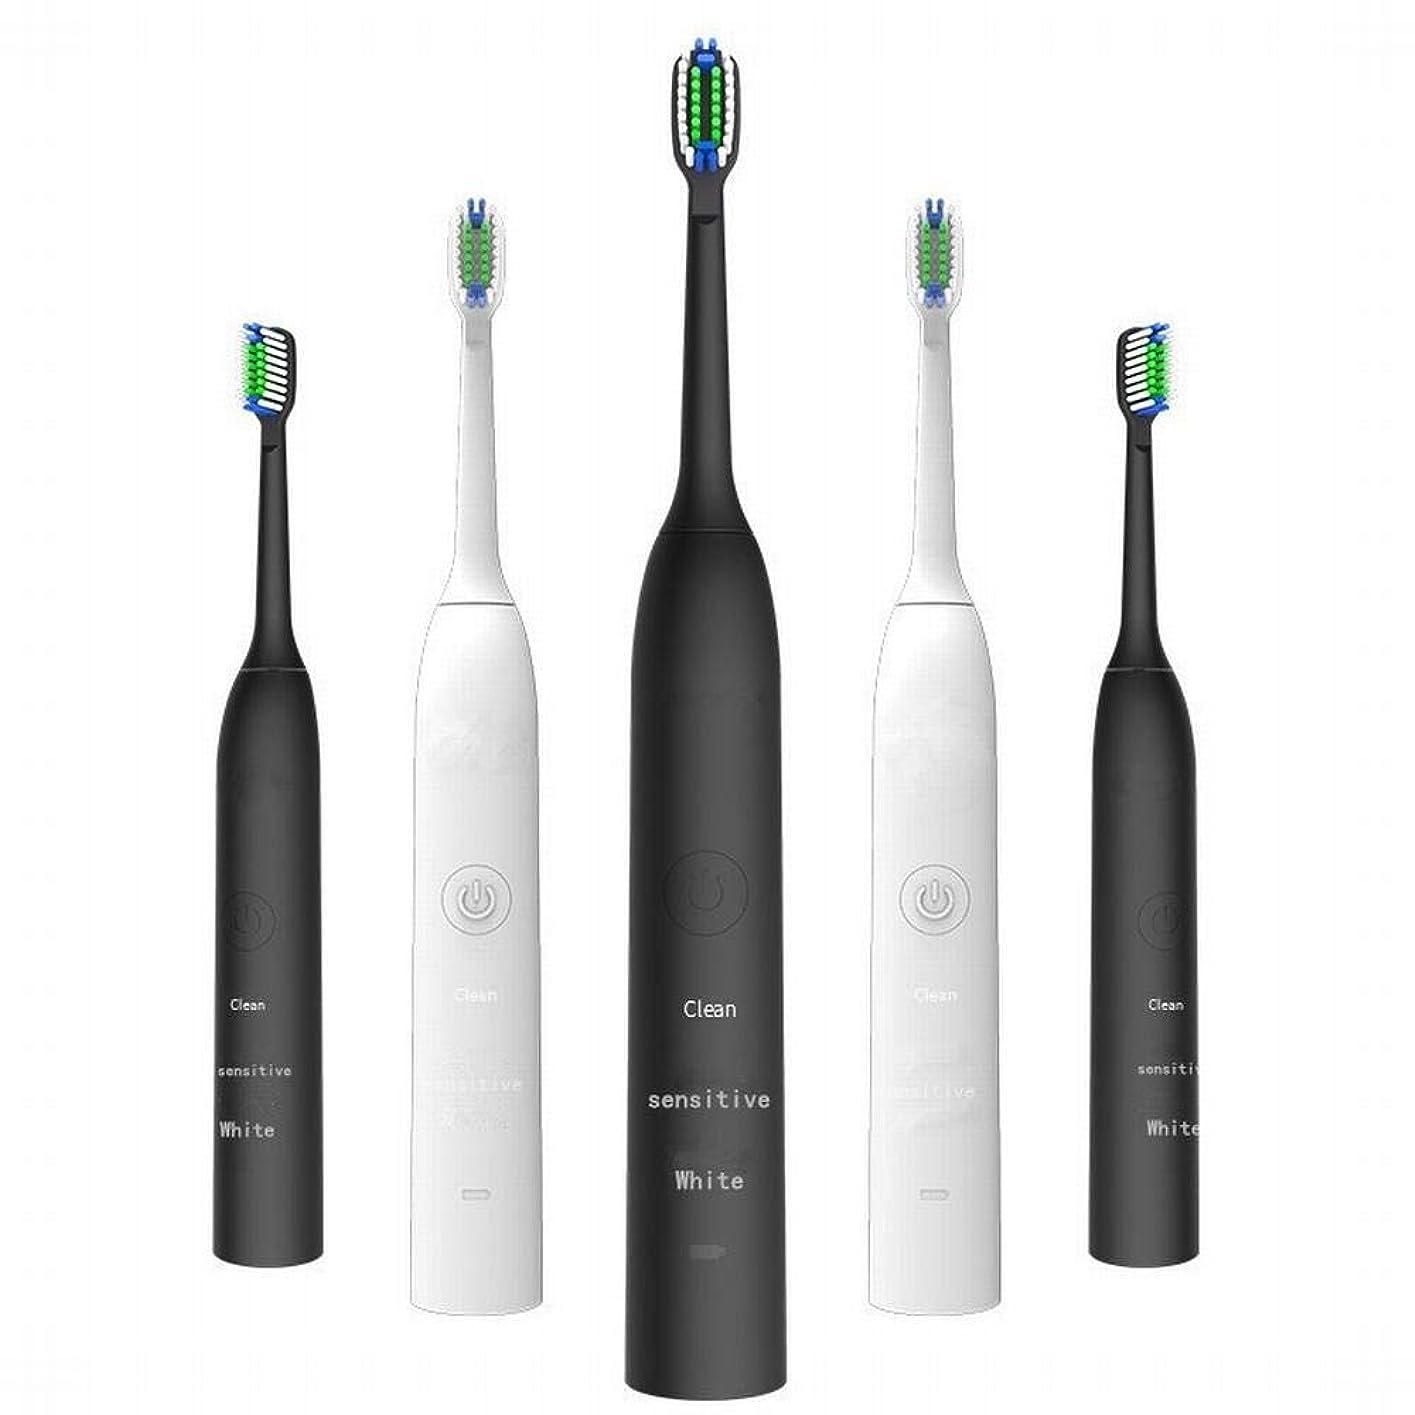 納得させるショッピングセンター迷路電動歯ブラシ 充電式電動歯ブラシ2つのブラシヘッドで3速度調整誘導充電音波振動歯ブラシキッズ電動歯ブラシ (色 : White)